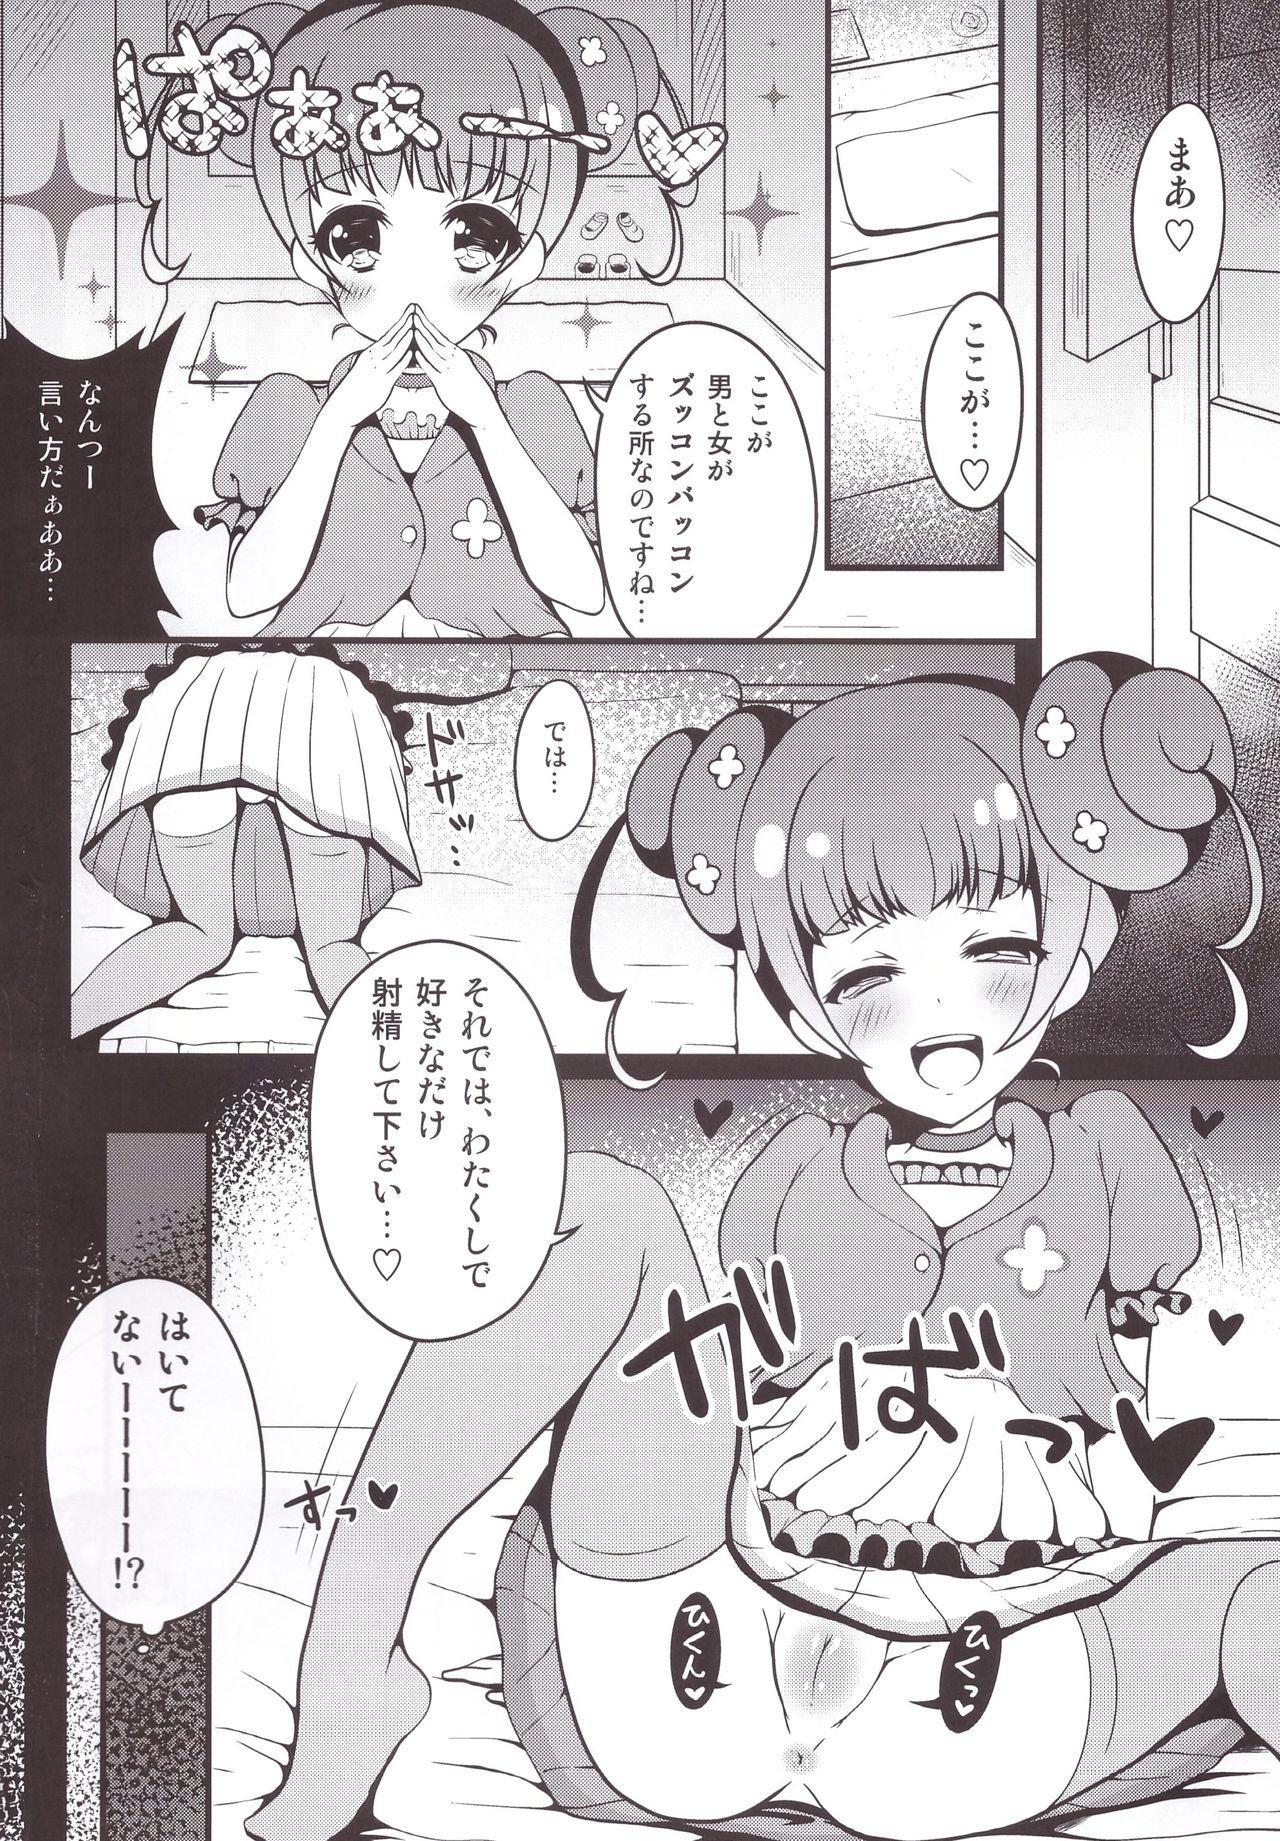 Arisu-chan to dokidoki shitai! 5